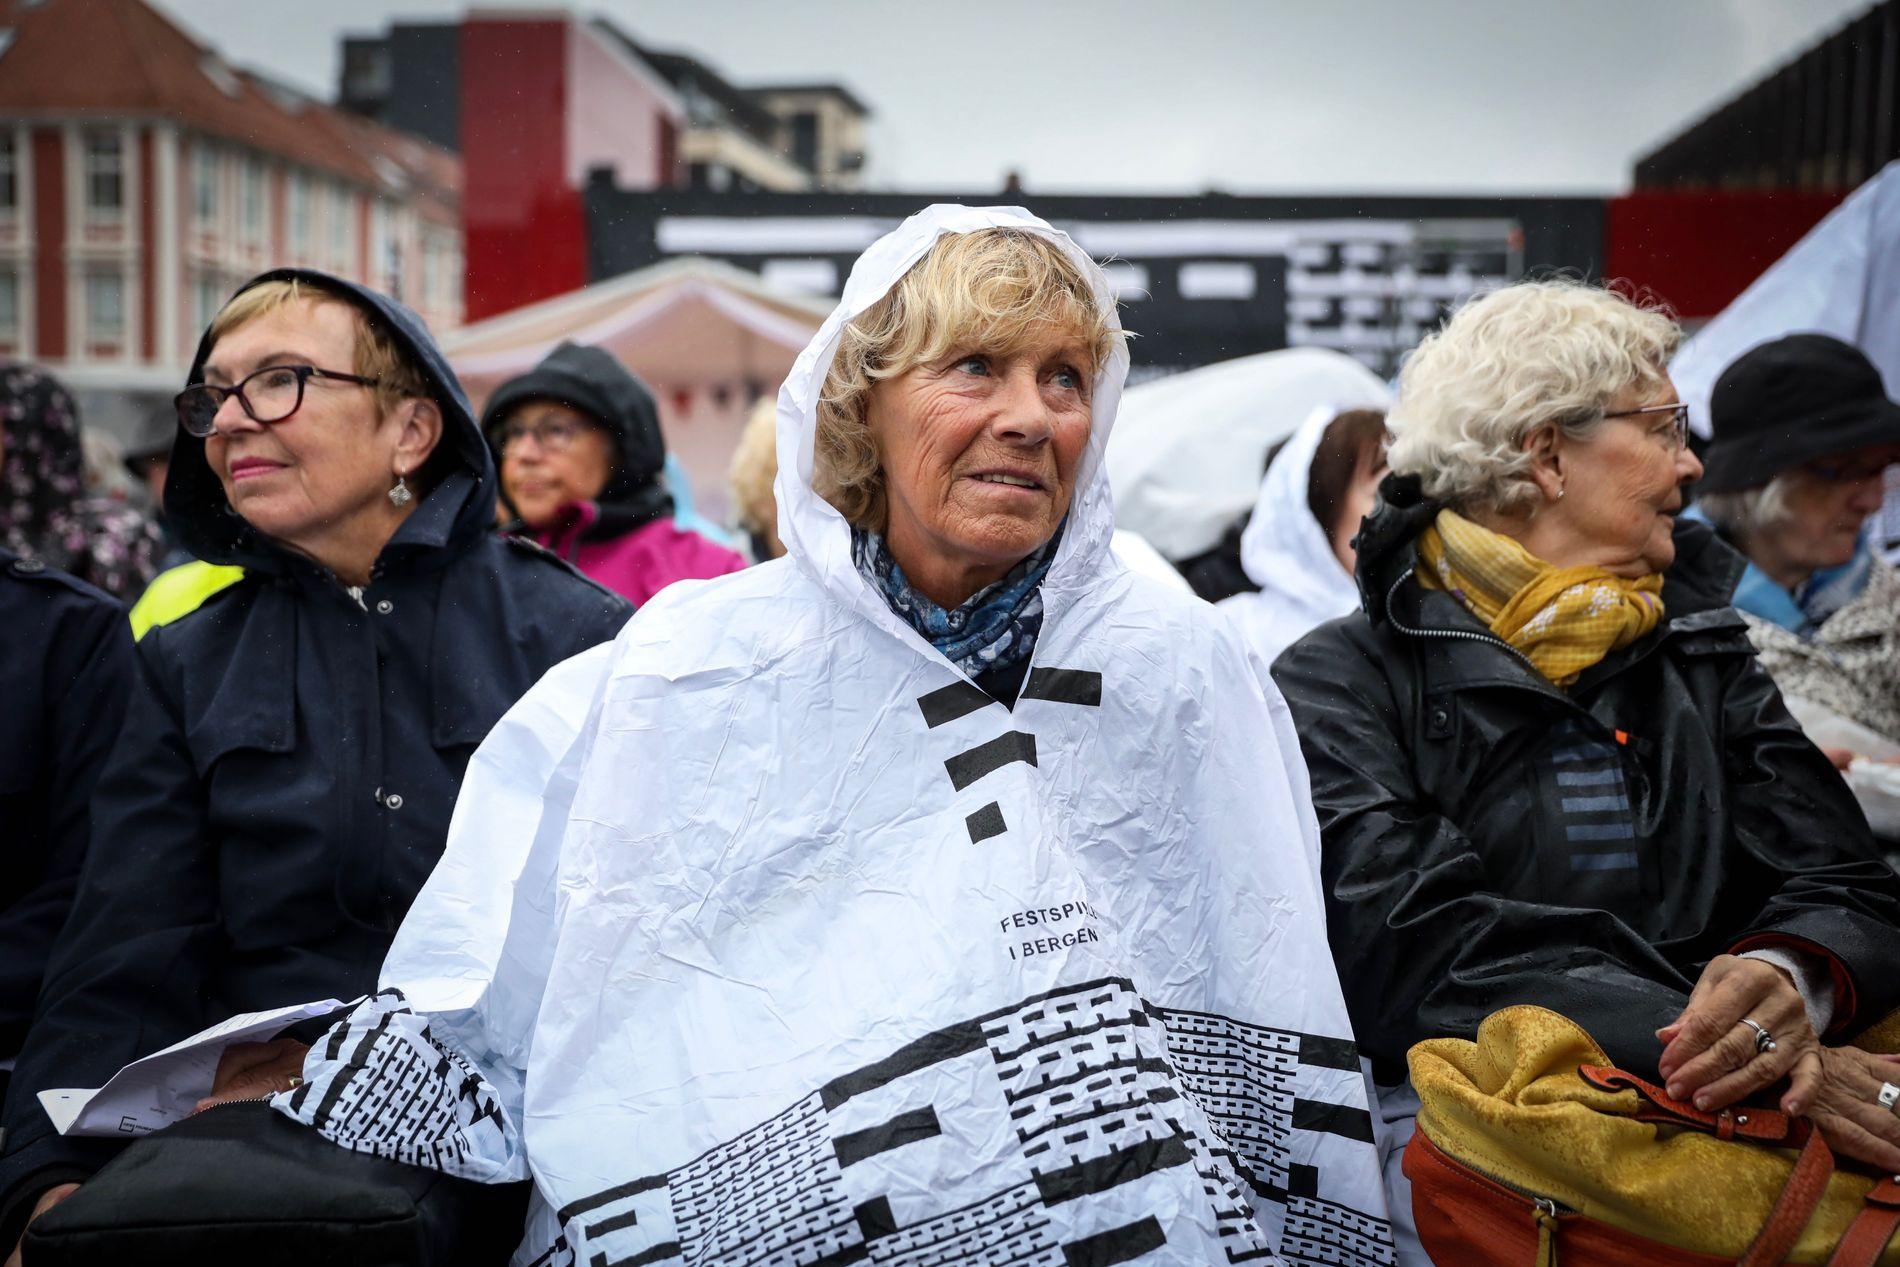 KLARE FOR FEST: Randi Olufsen var blant de fremmøtte utenfor Grieghallen onsdag formiddag.